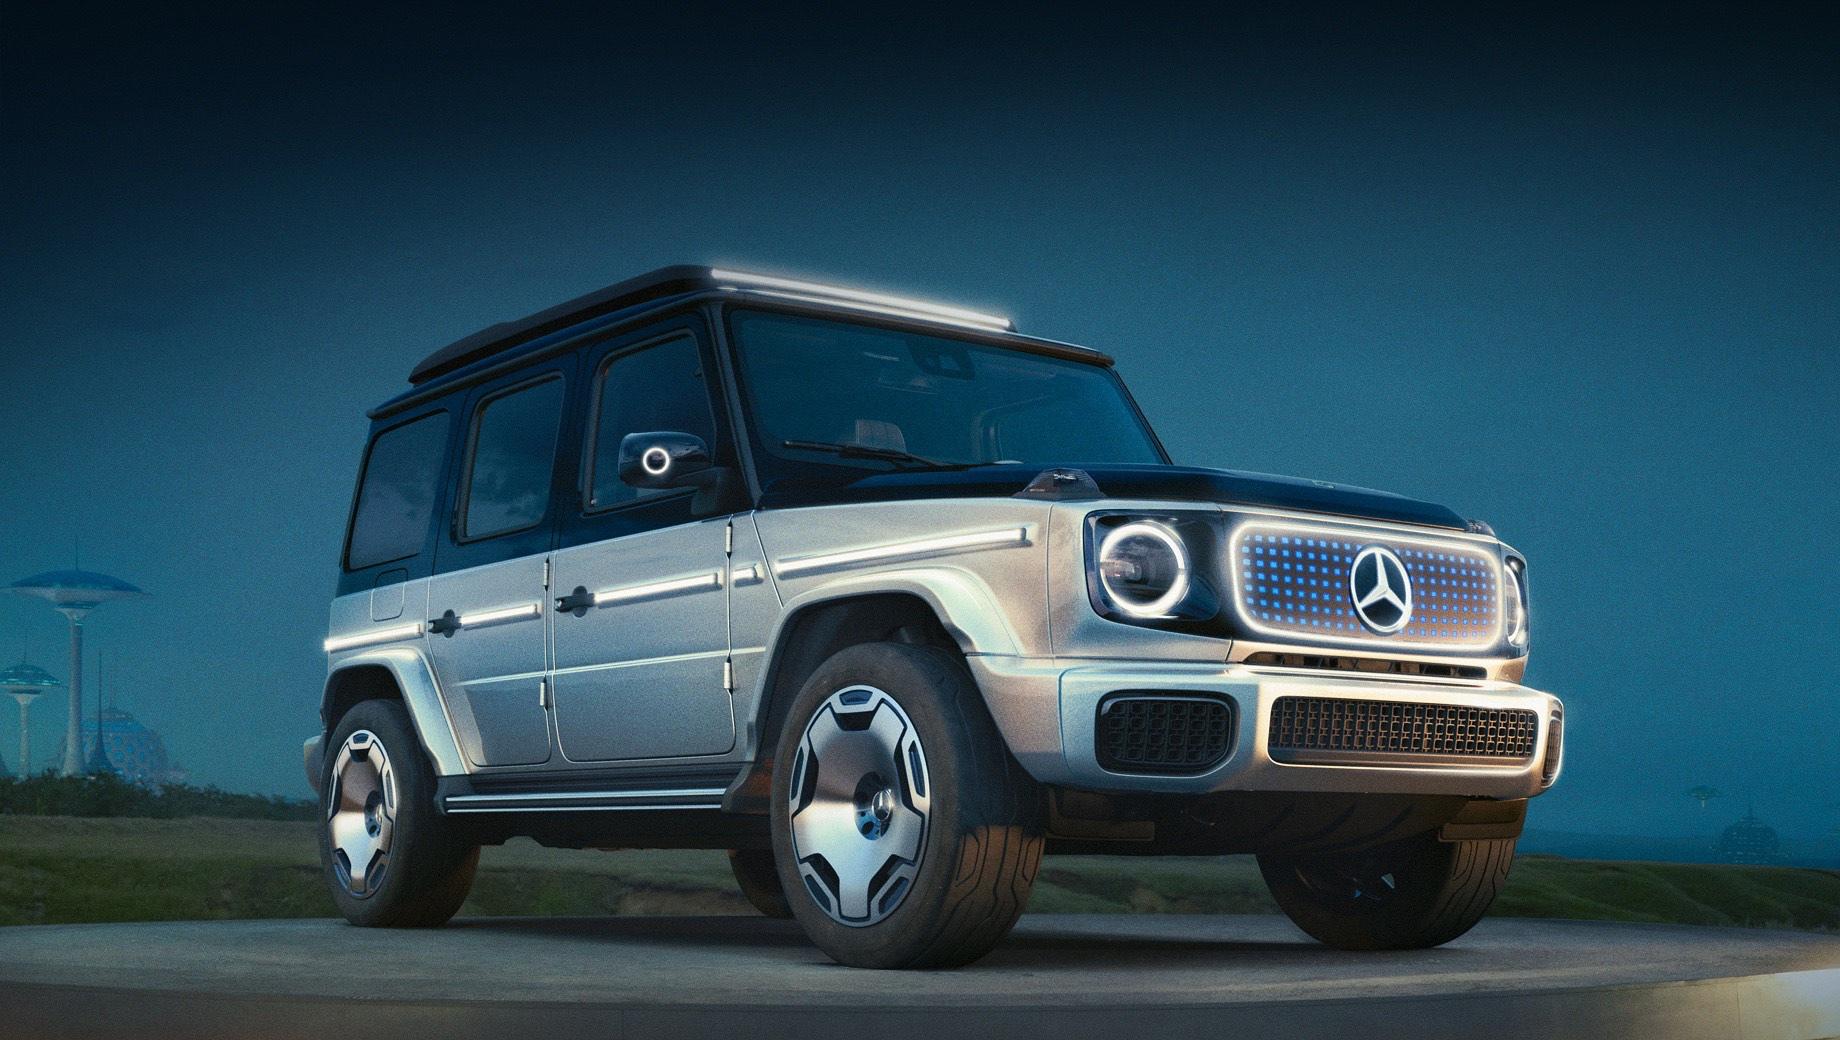 Mercedes g. Концепт показан без интерьера, технических характеристик и обещаний по срокам. Кузовное «железо» нарочито повторяет обычный G-ваген, чтобы сохранились «знаковые элементы стиля». Решётка заменена панелью с узором из синих «круглых квадратов», 3D-эффектом и диодной подсветкой.